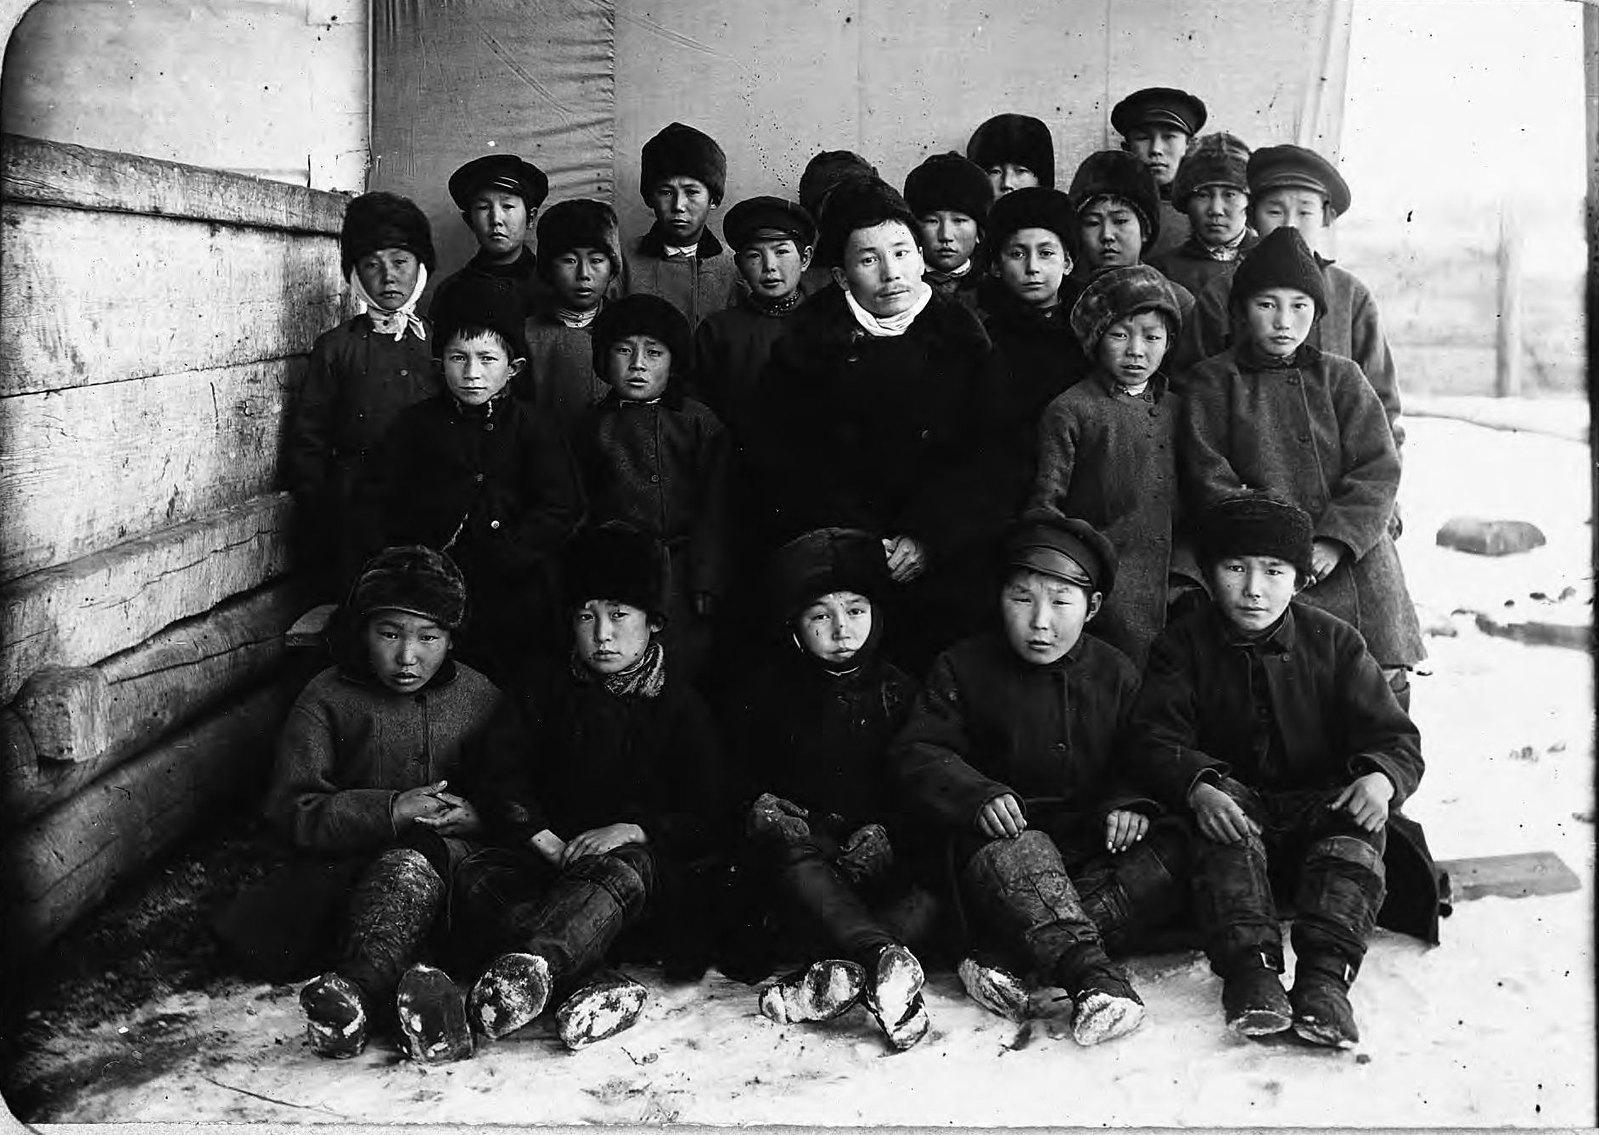 Якутск. Ученики приходской школы. (2)